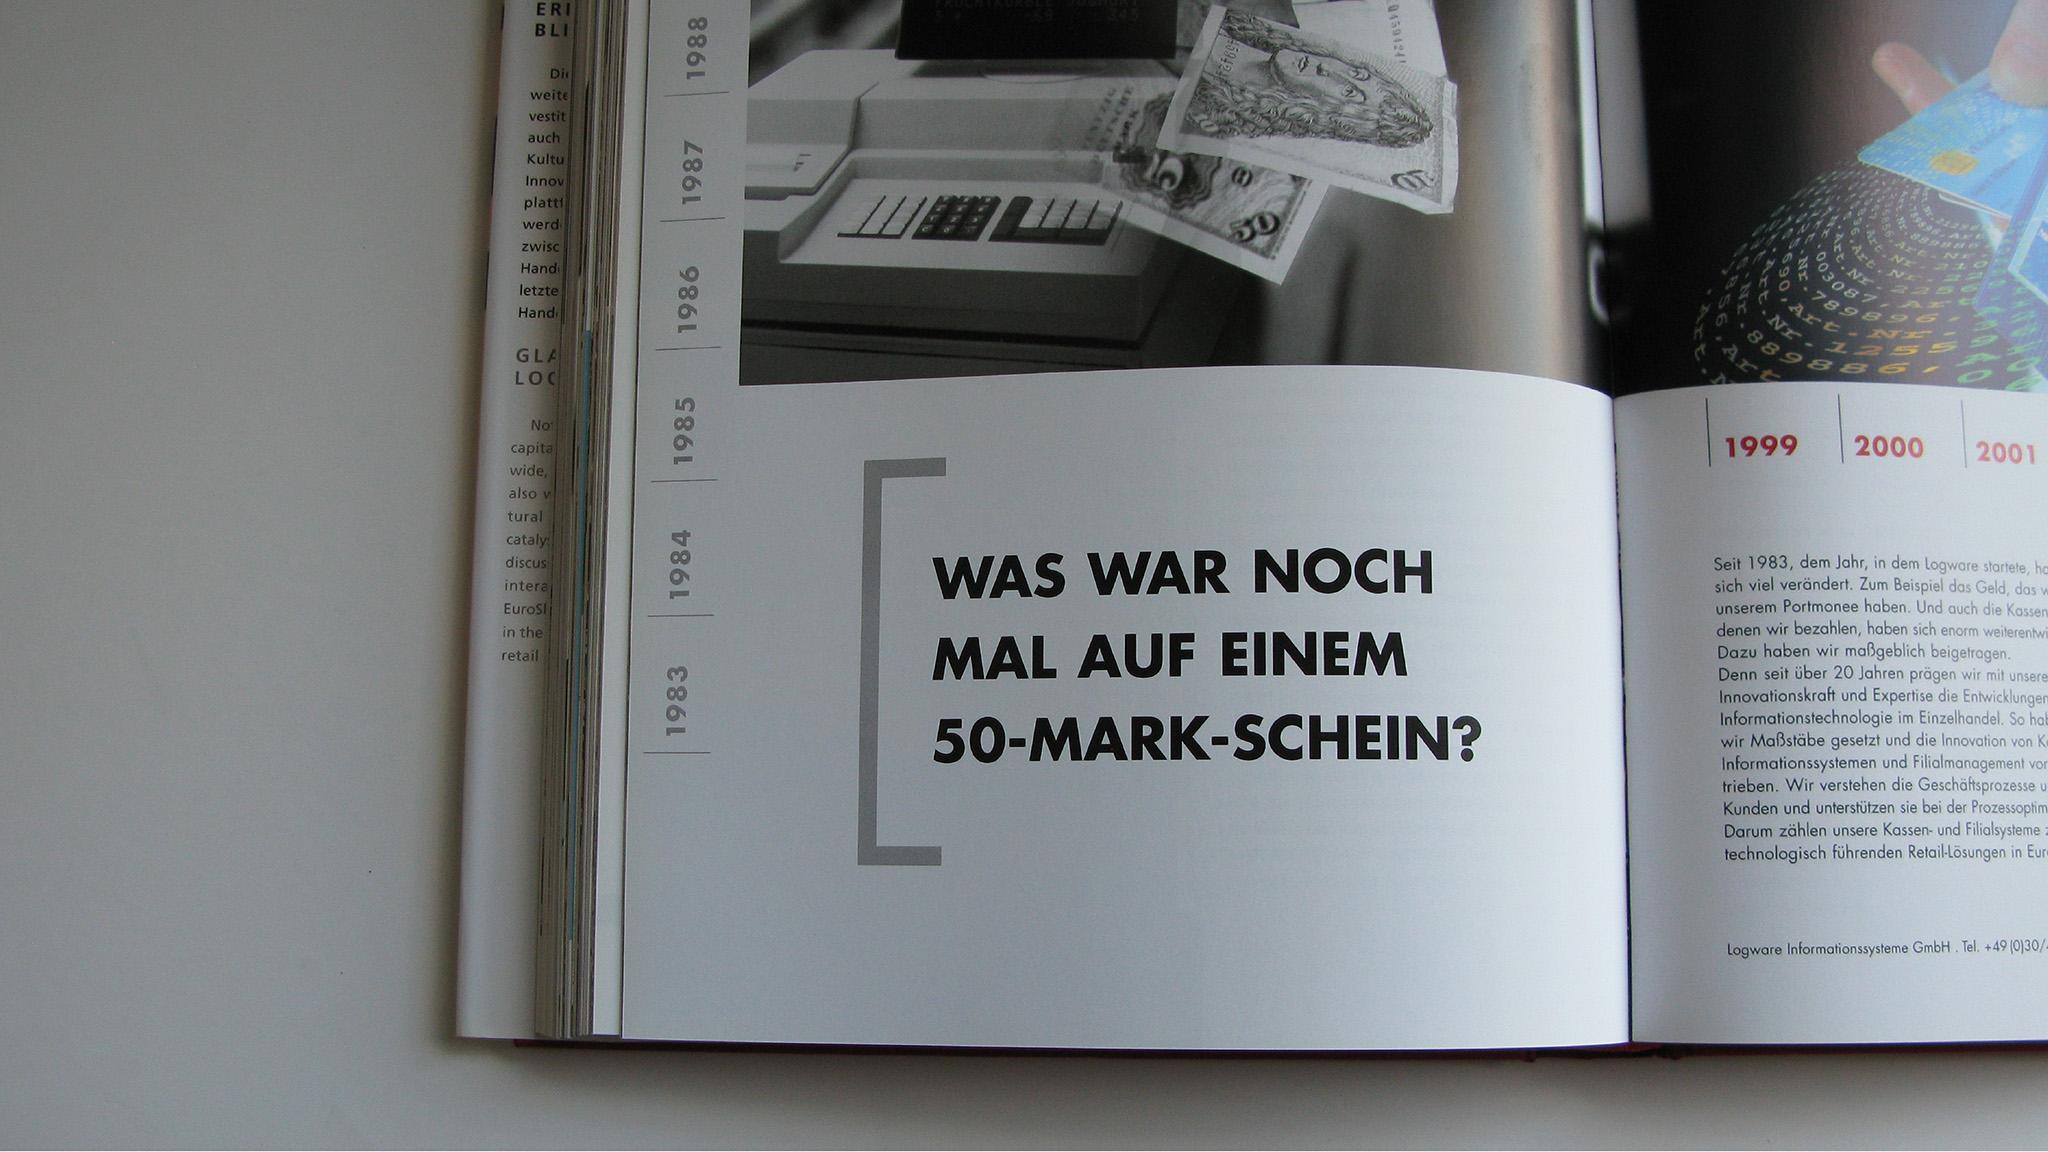 EuroShop-Buch 2048x1152px4